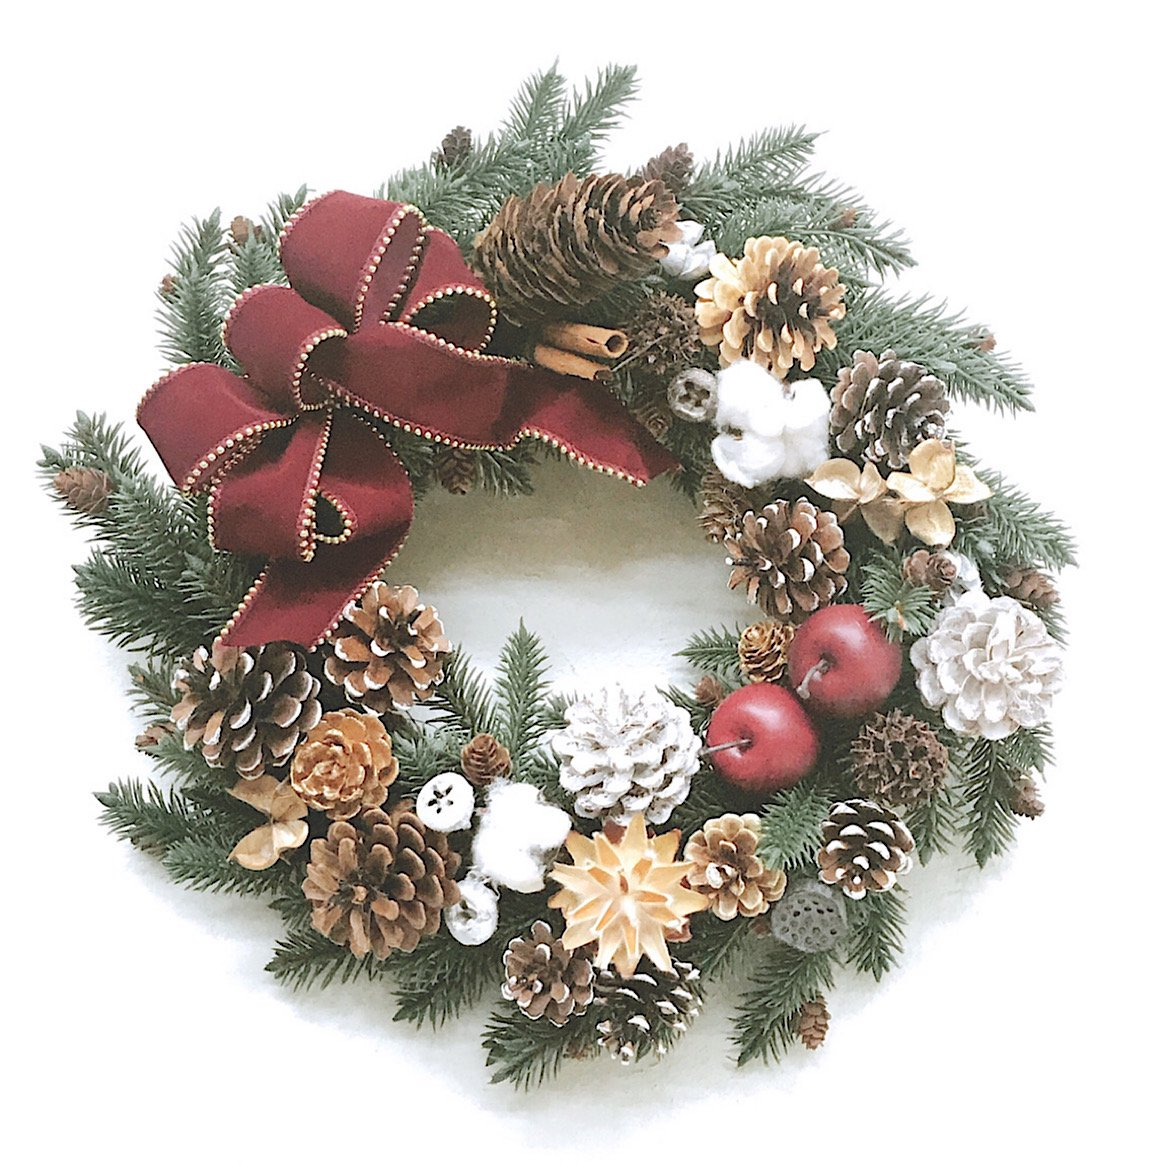 木の実のナチュラルクリスマスリース※ギフトタイプ4